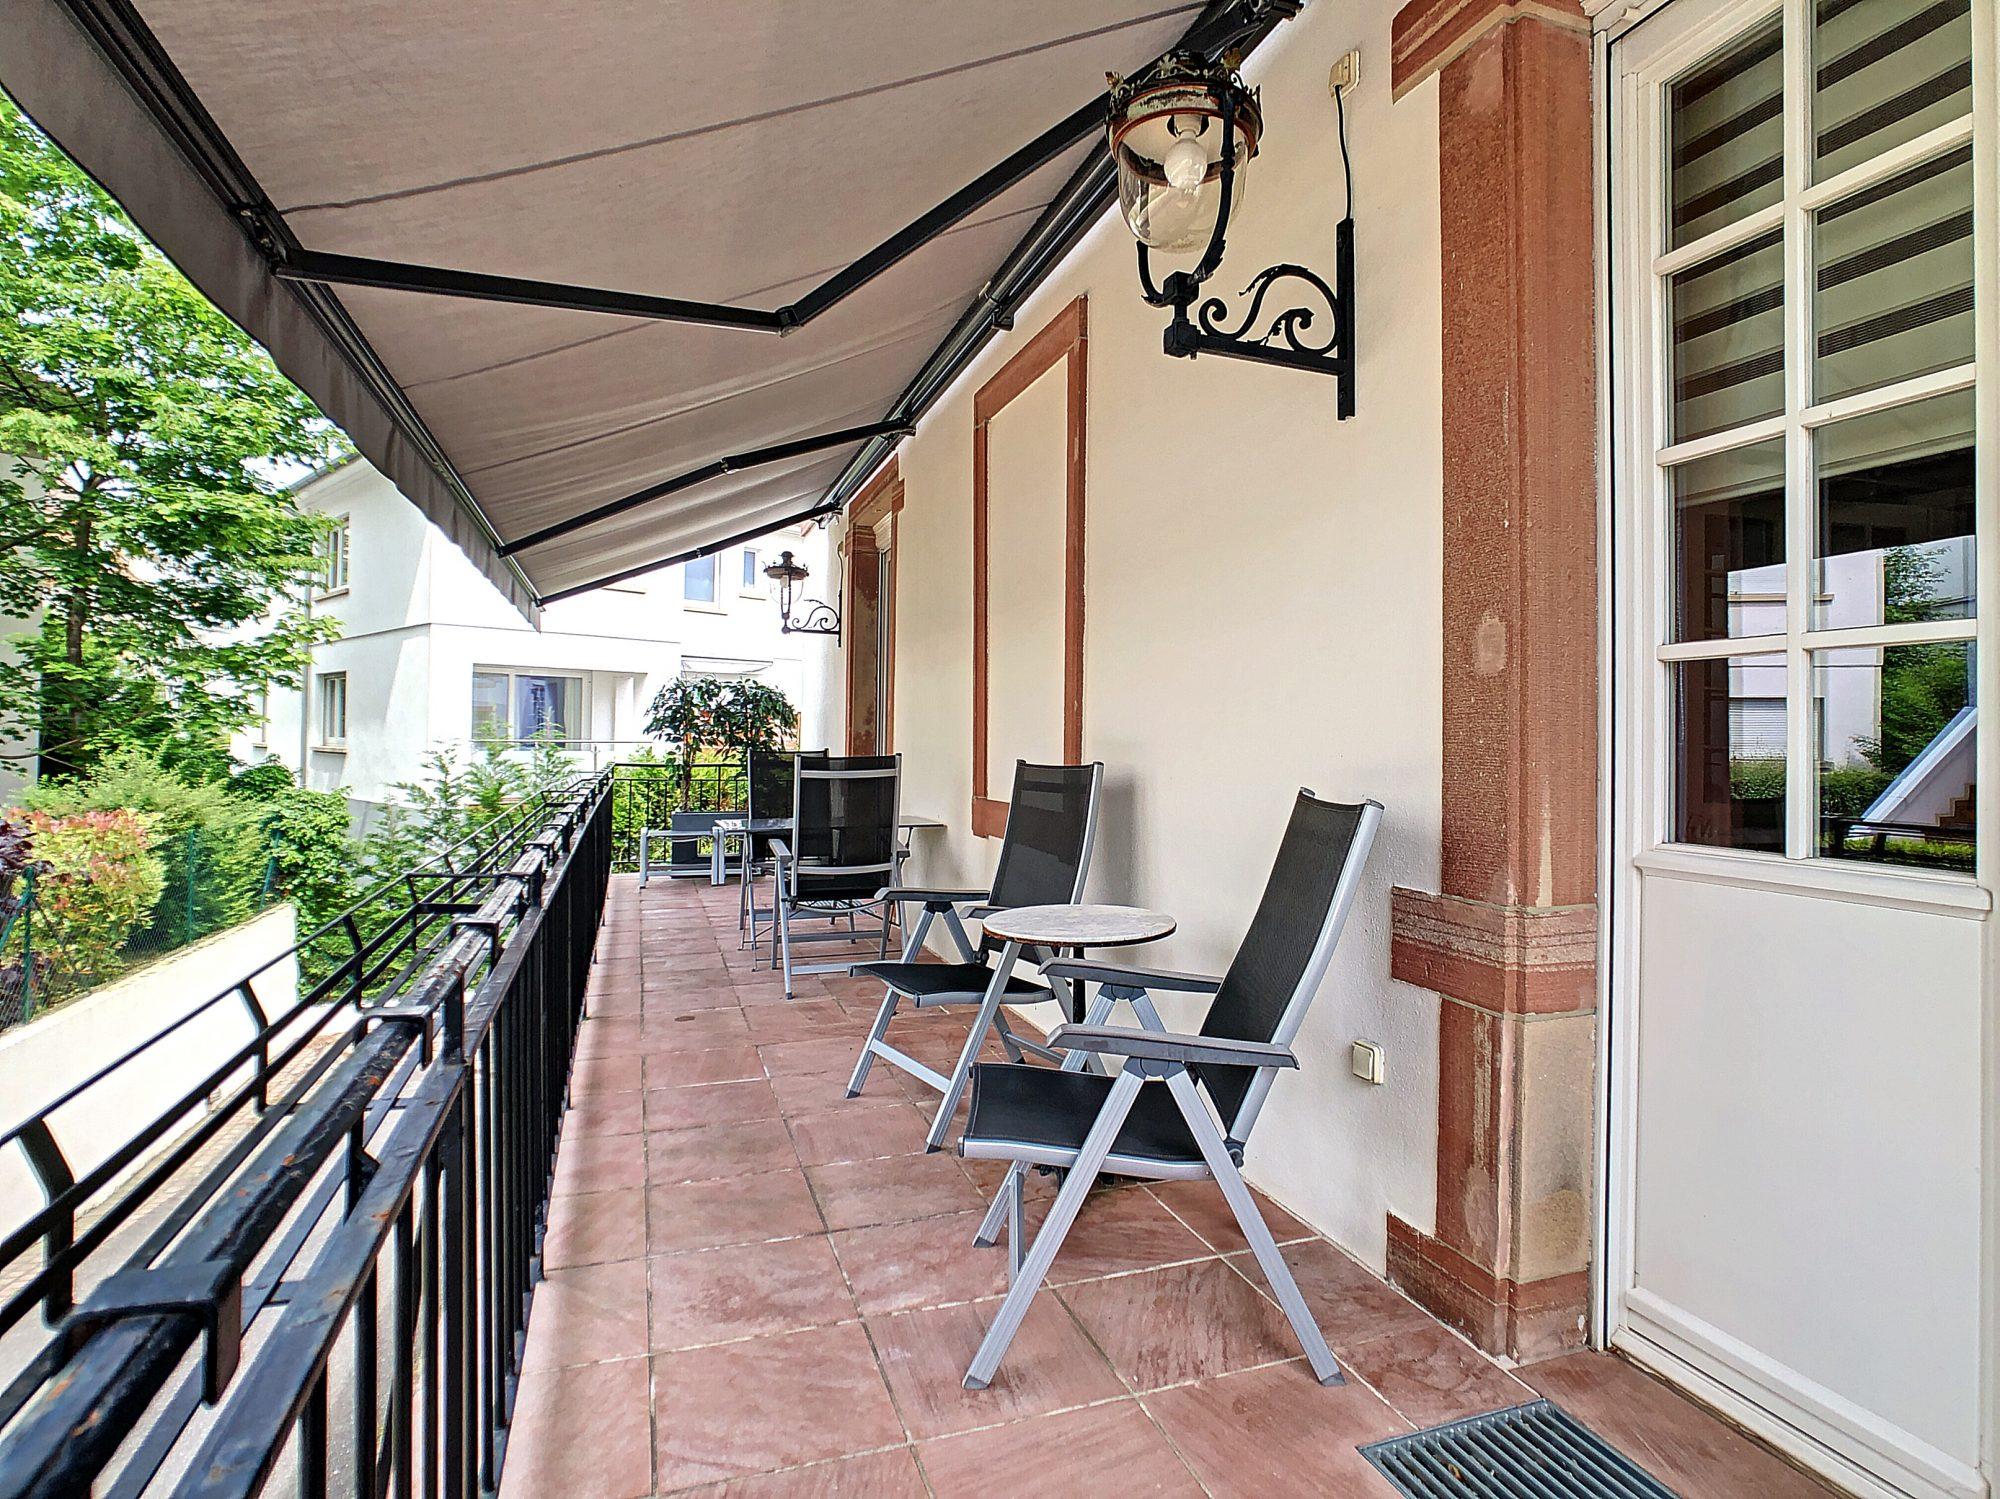 ORANGERIE, Magnifique Hôtel particulier de 371m² sur 5,81 ares